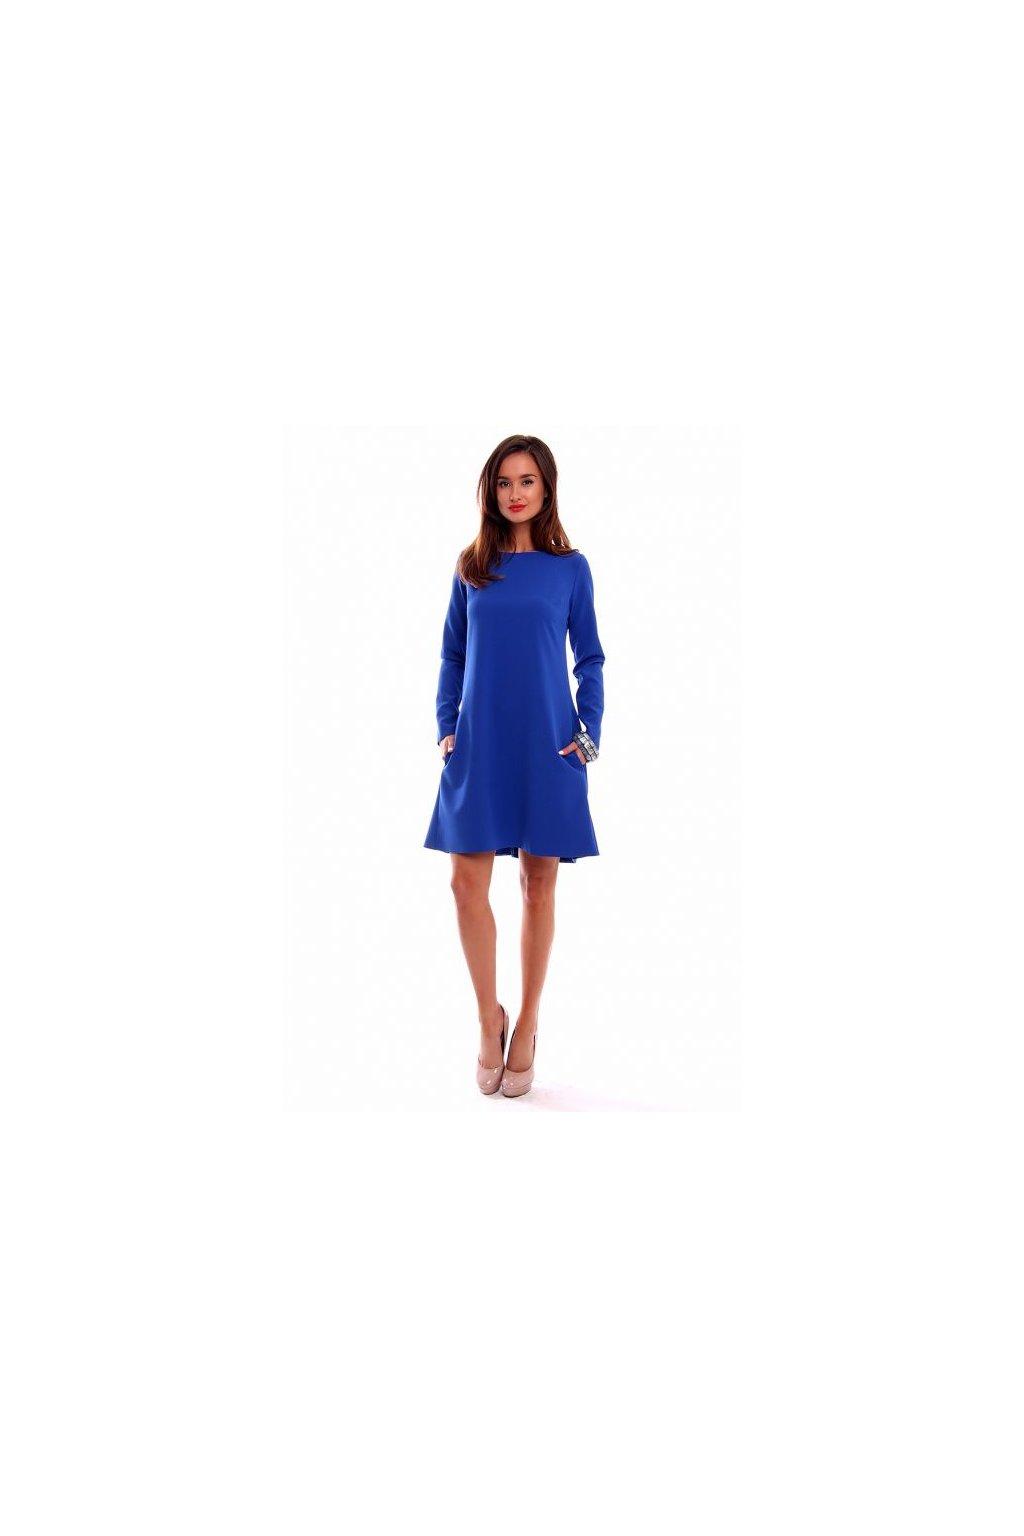 cc22f04f9b52 Elegantné šaty s dlhým rukávom CM510 modré - Tentation.sk